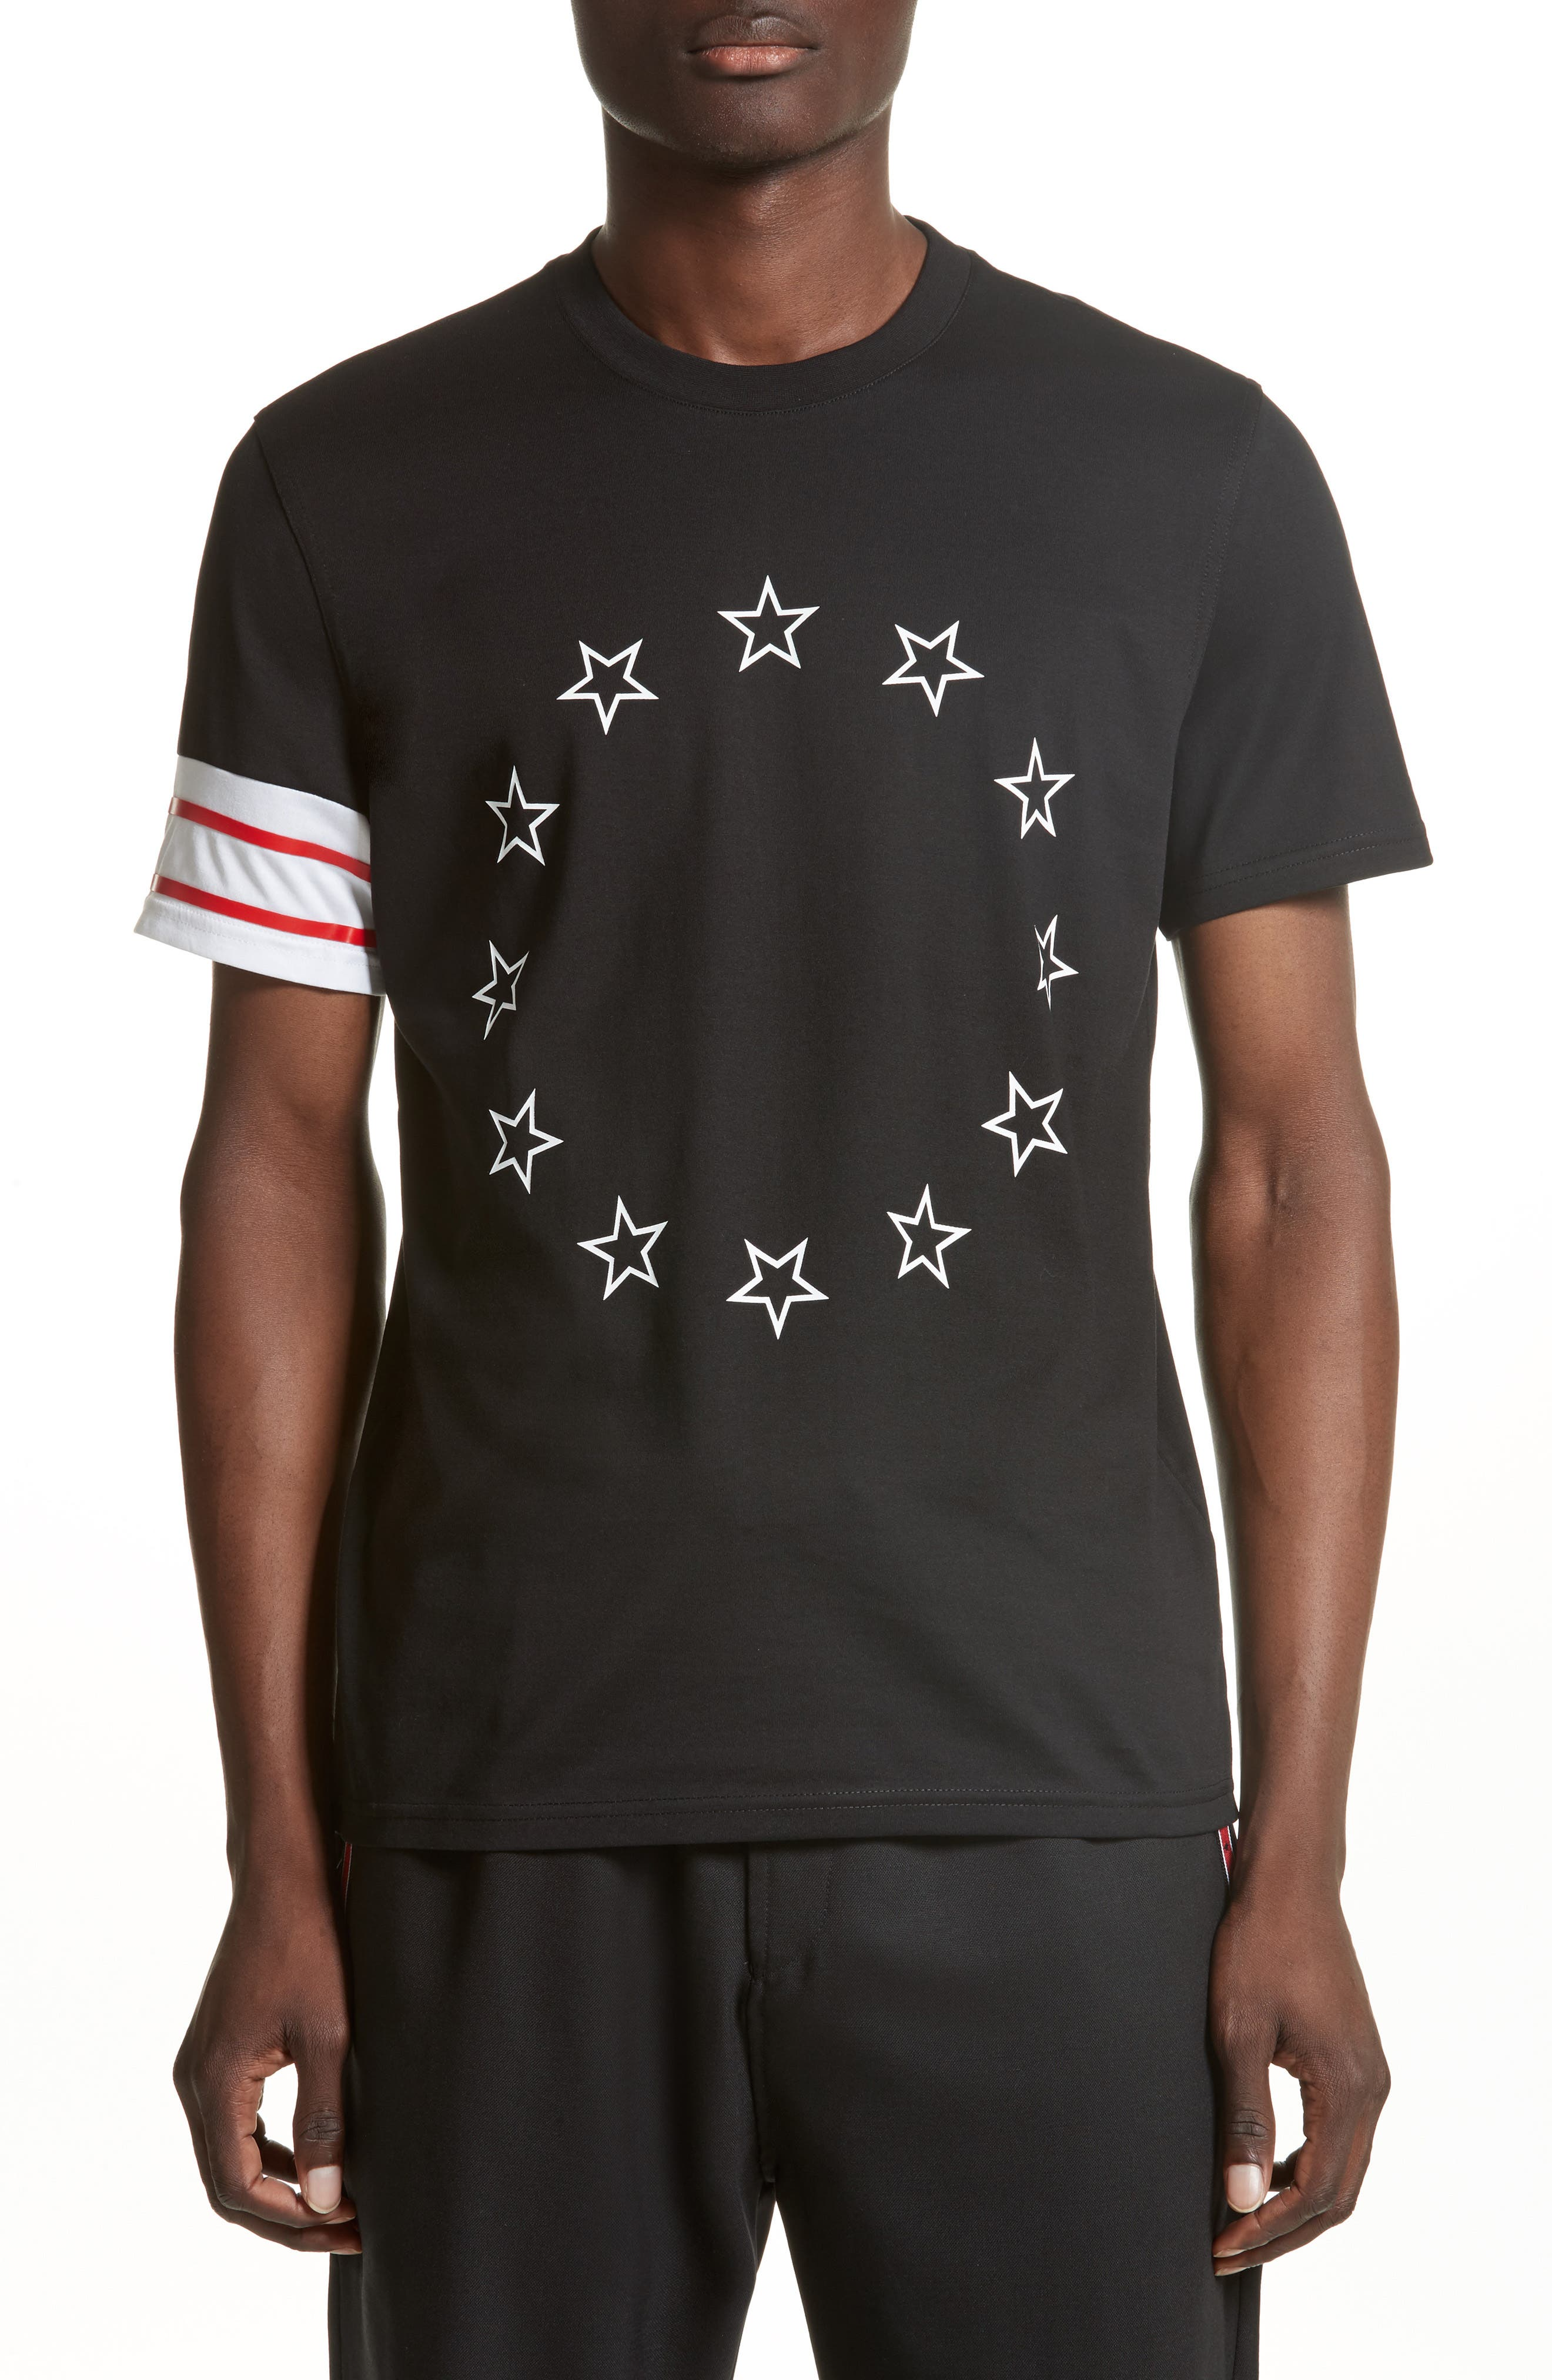 GIVENCHY Cuban Fit Circle Star Graphic T-Shirt